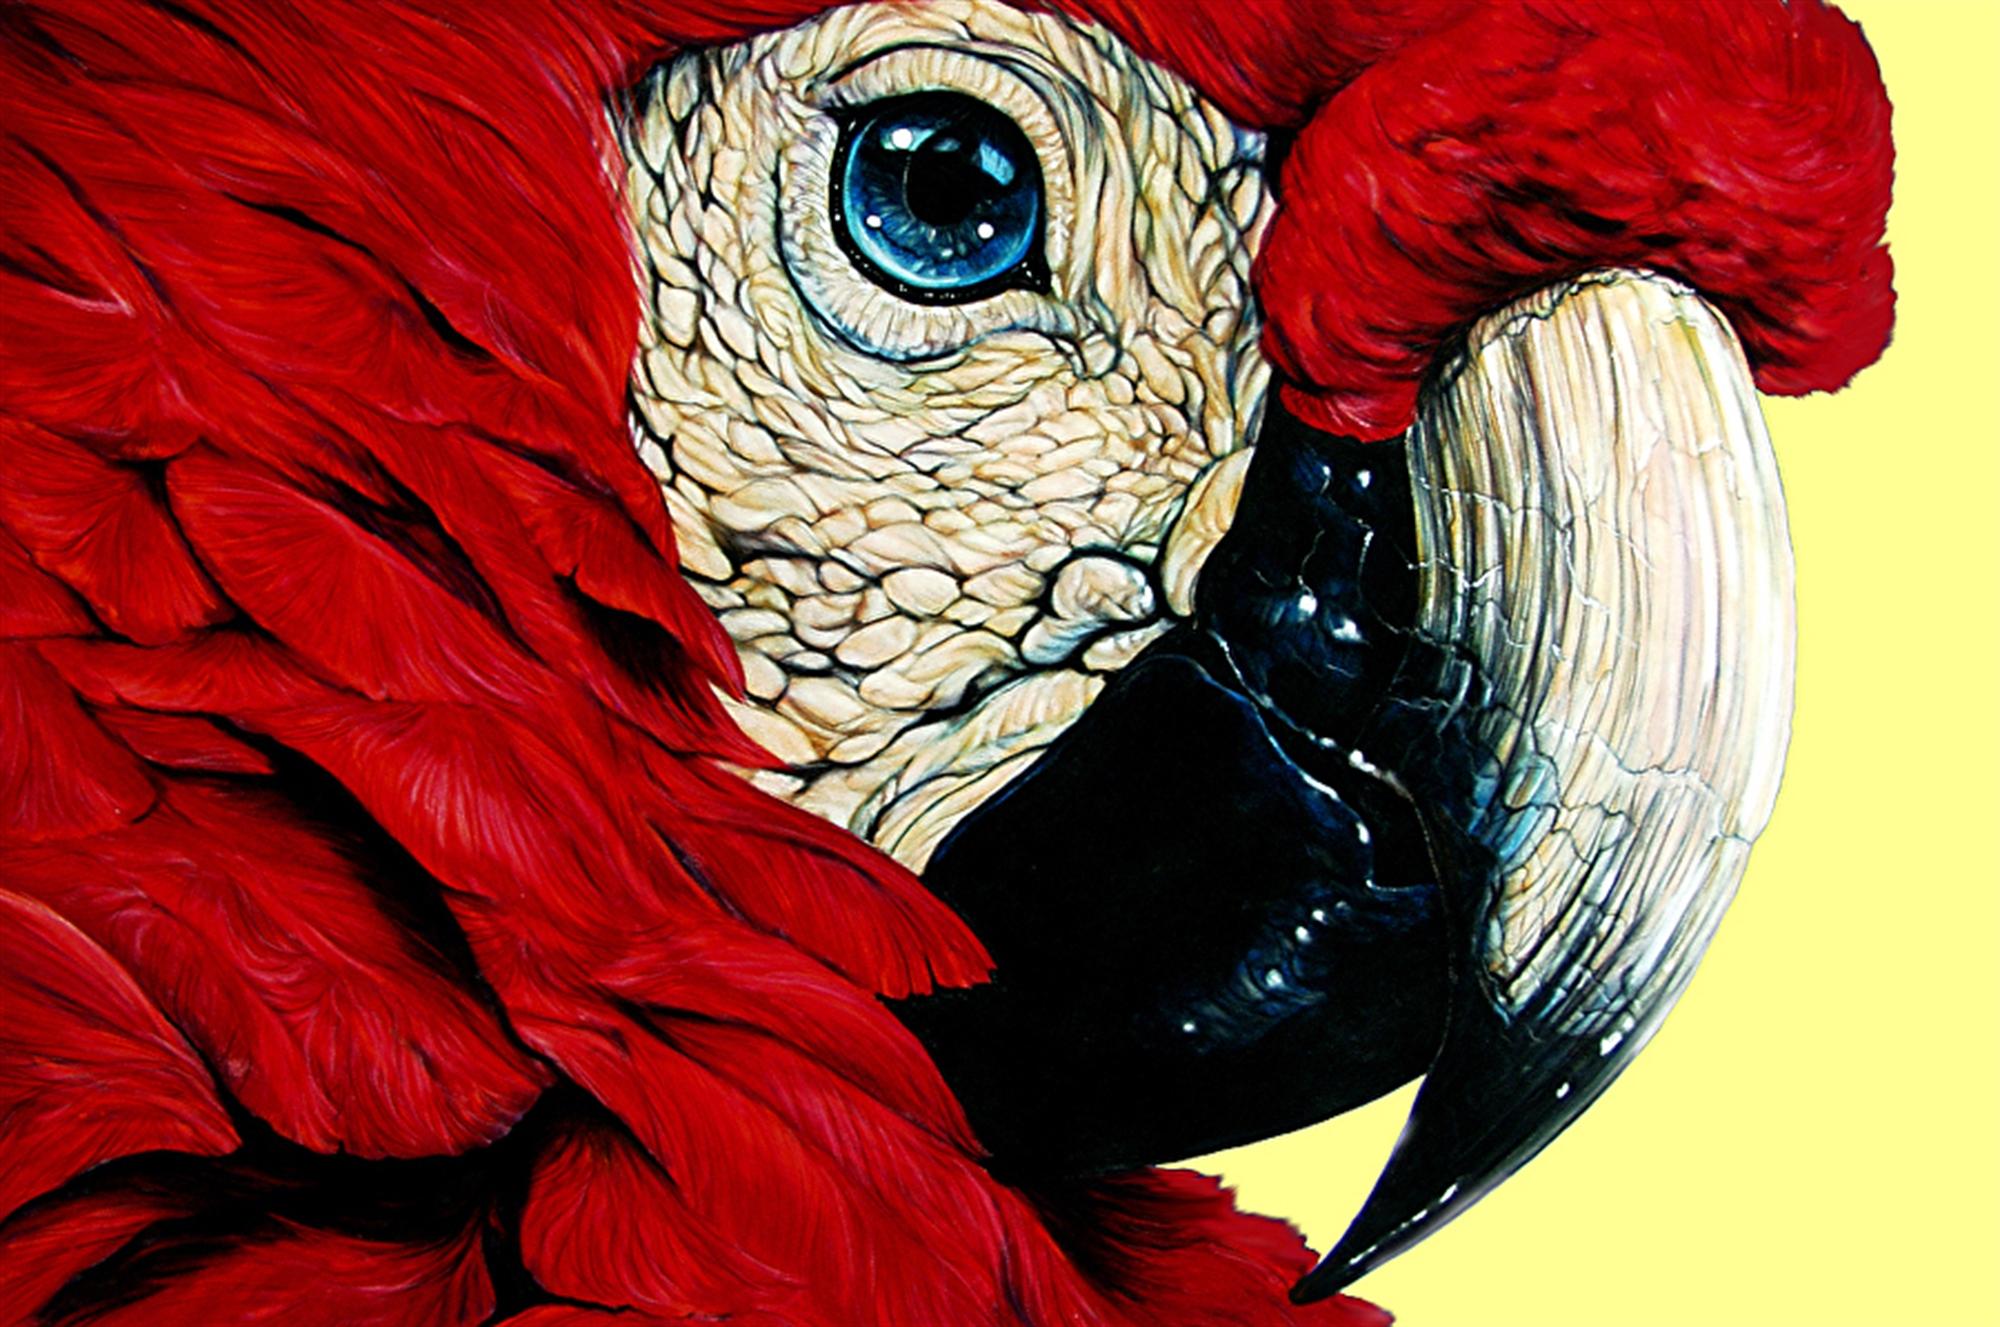 Scarlett O' Feather by D. Arthur